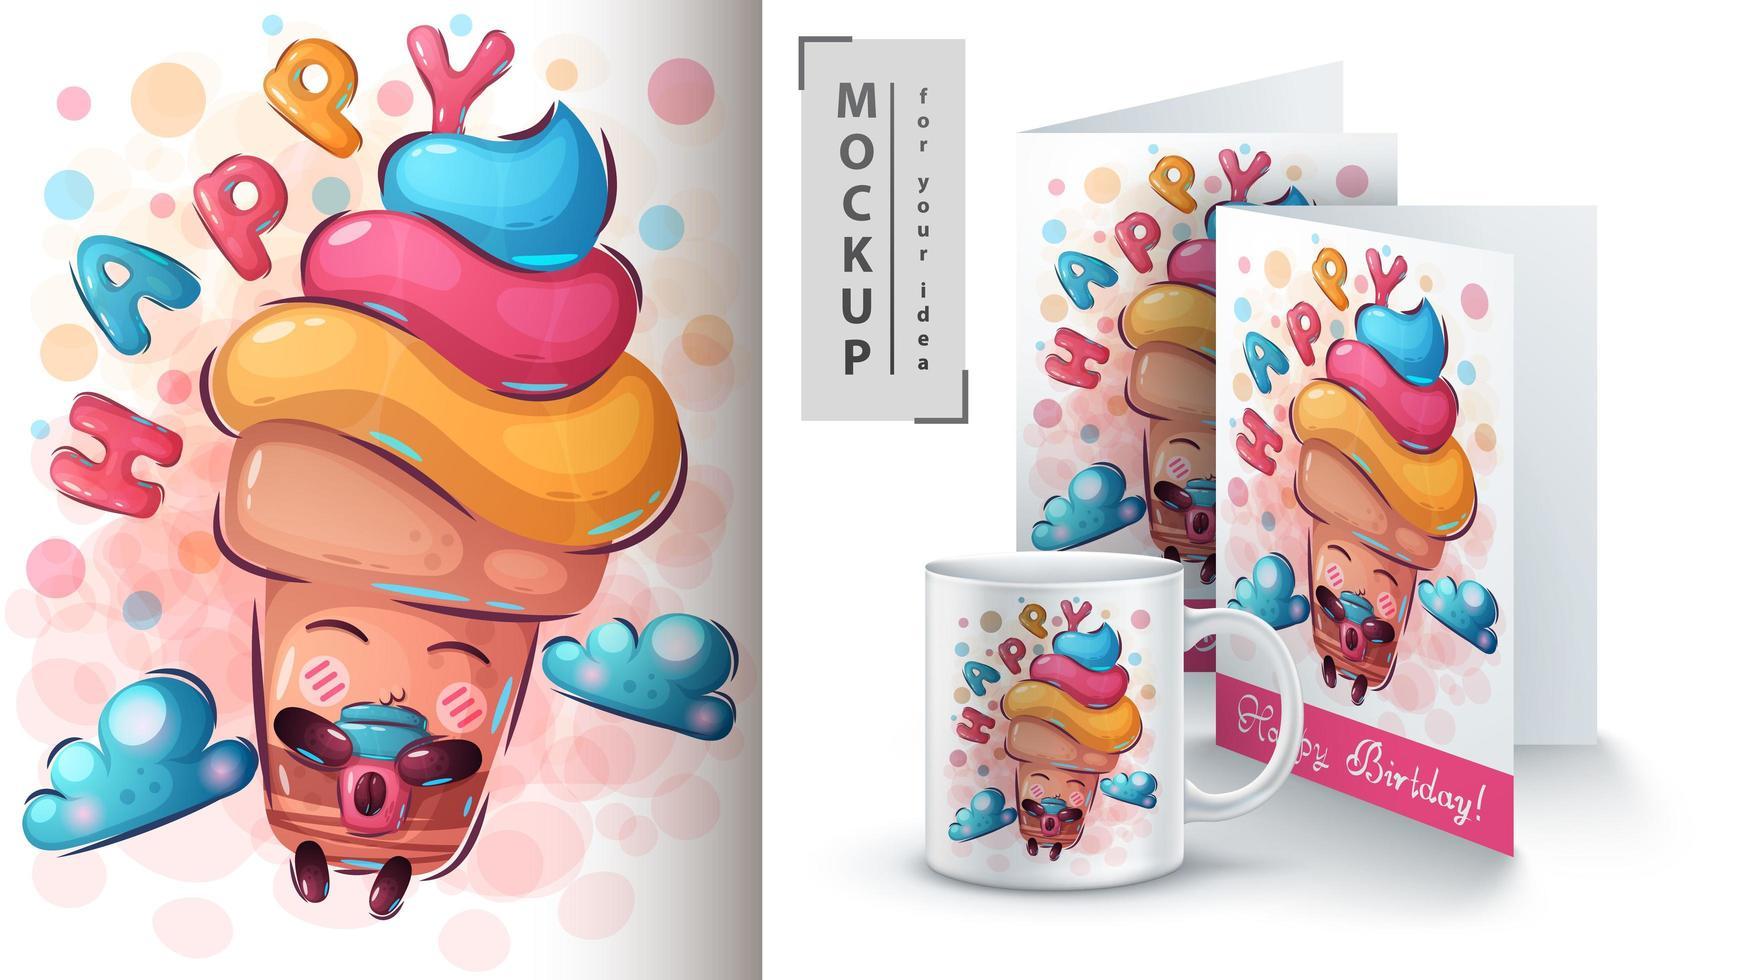 cartel de mosca de helado y merchandising vector